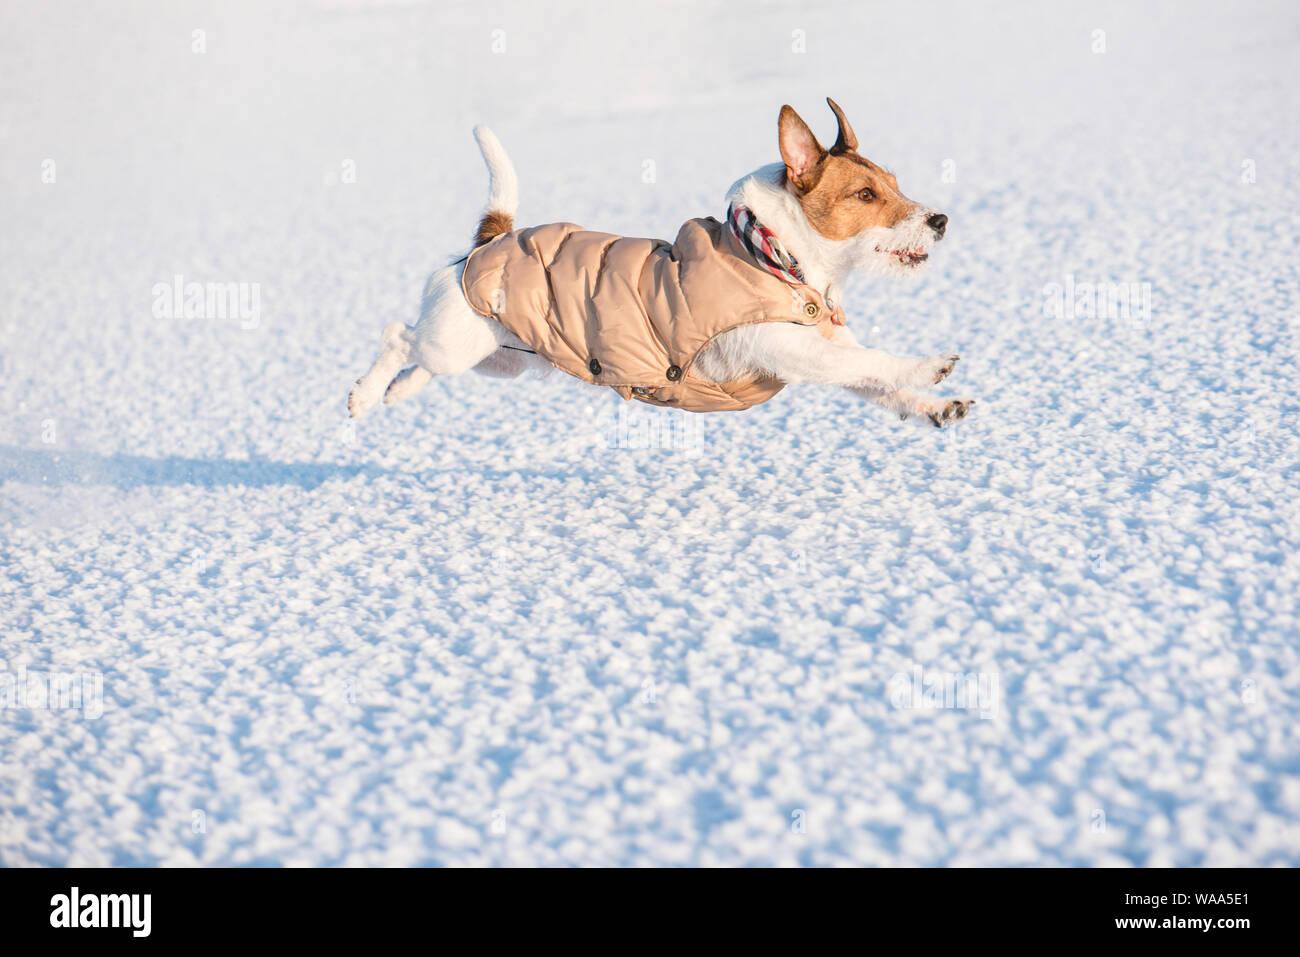 Il porte des vêtements chauds d'hiver en cours d'exécution sur la neige (vue latérale) Banque D'Images